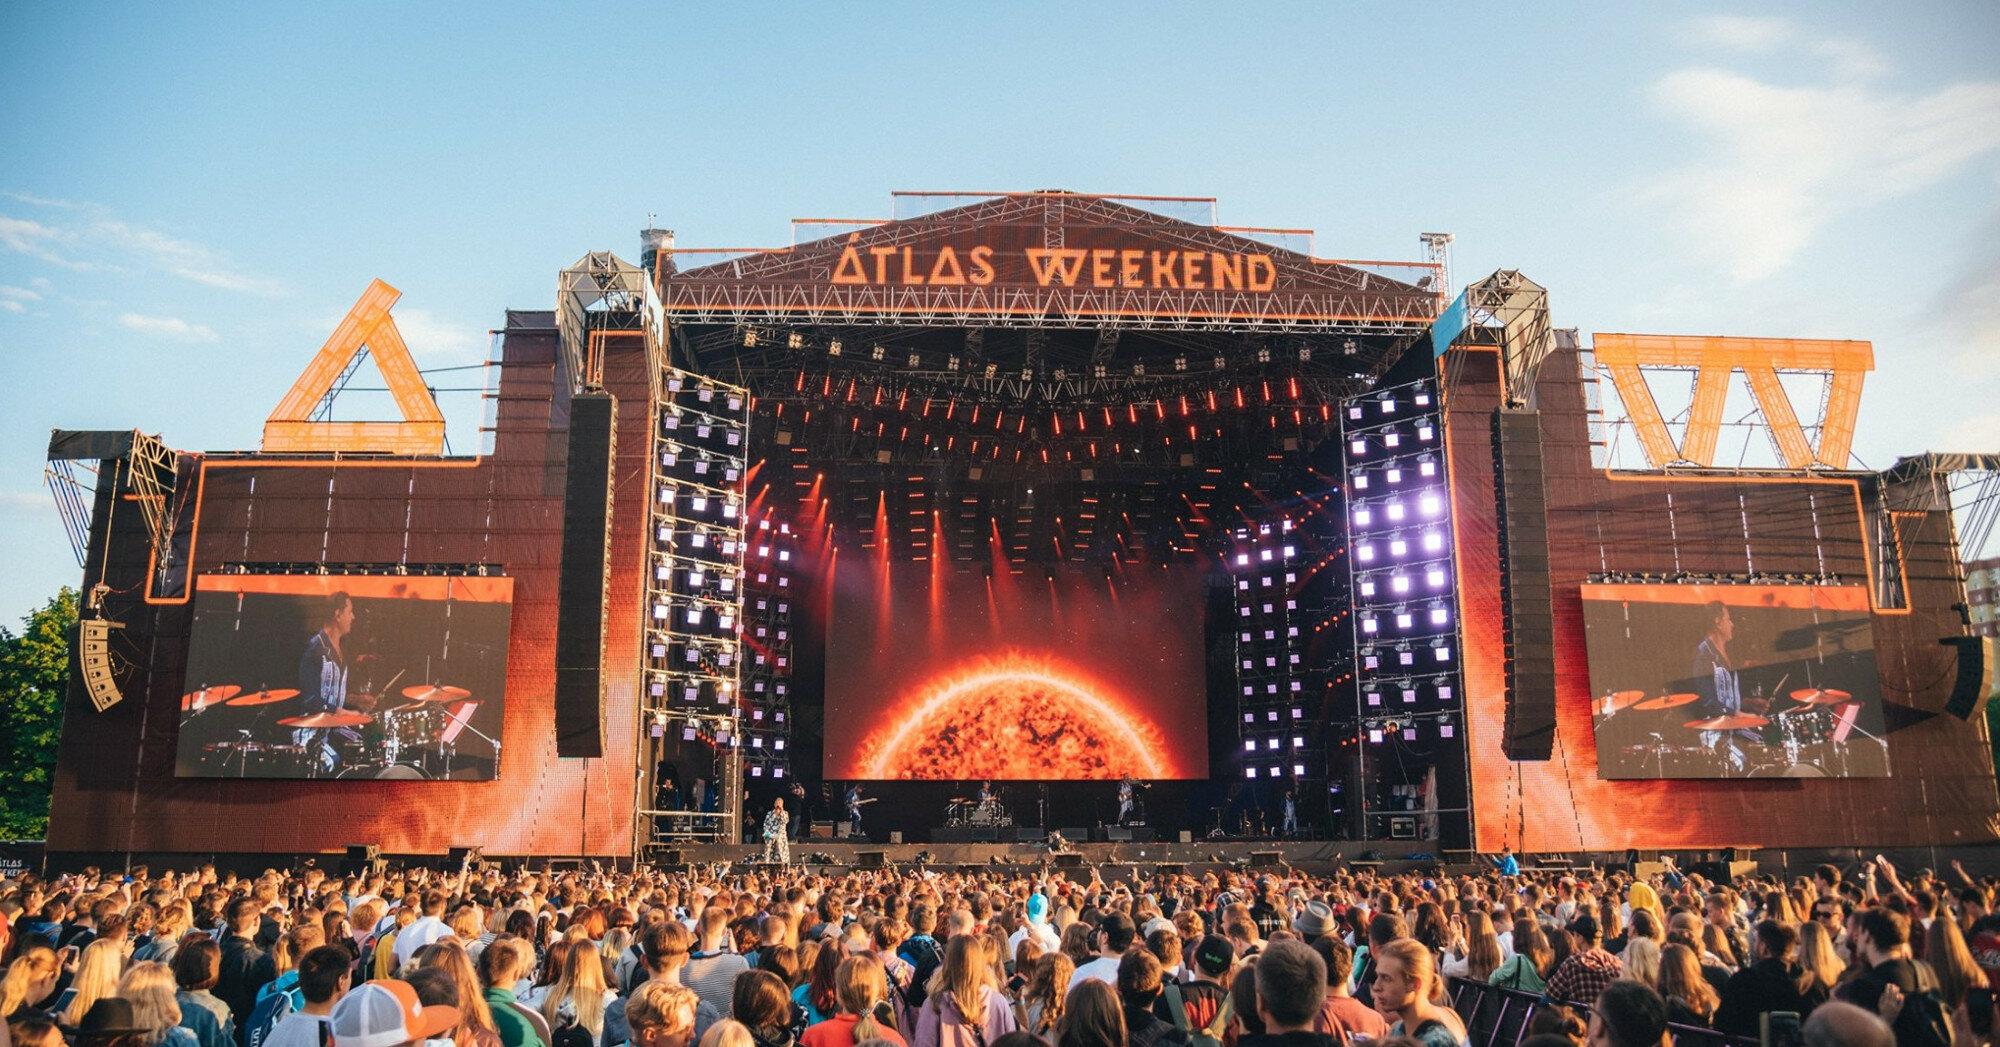 На фестивале Atlas Weekend в Киеве будут вакцинировать желающих